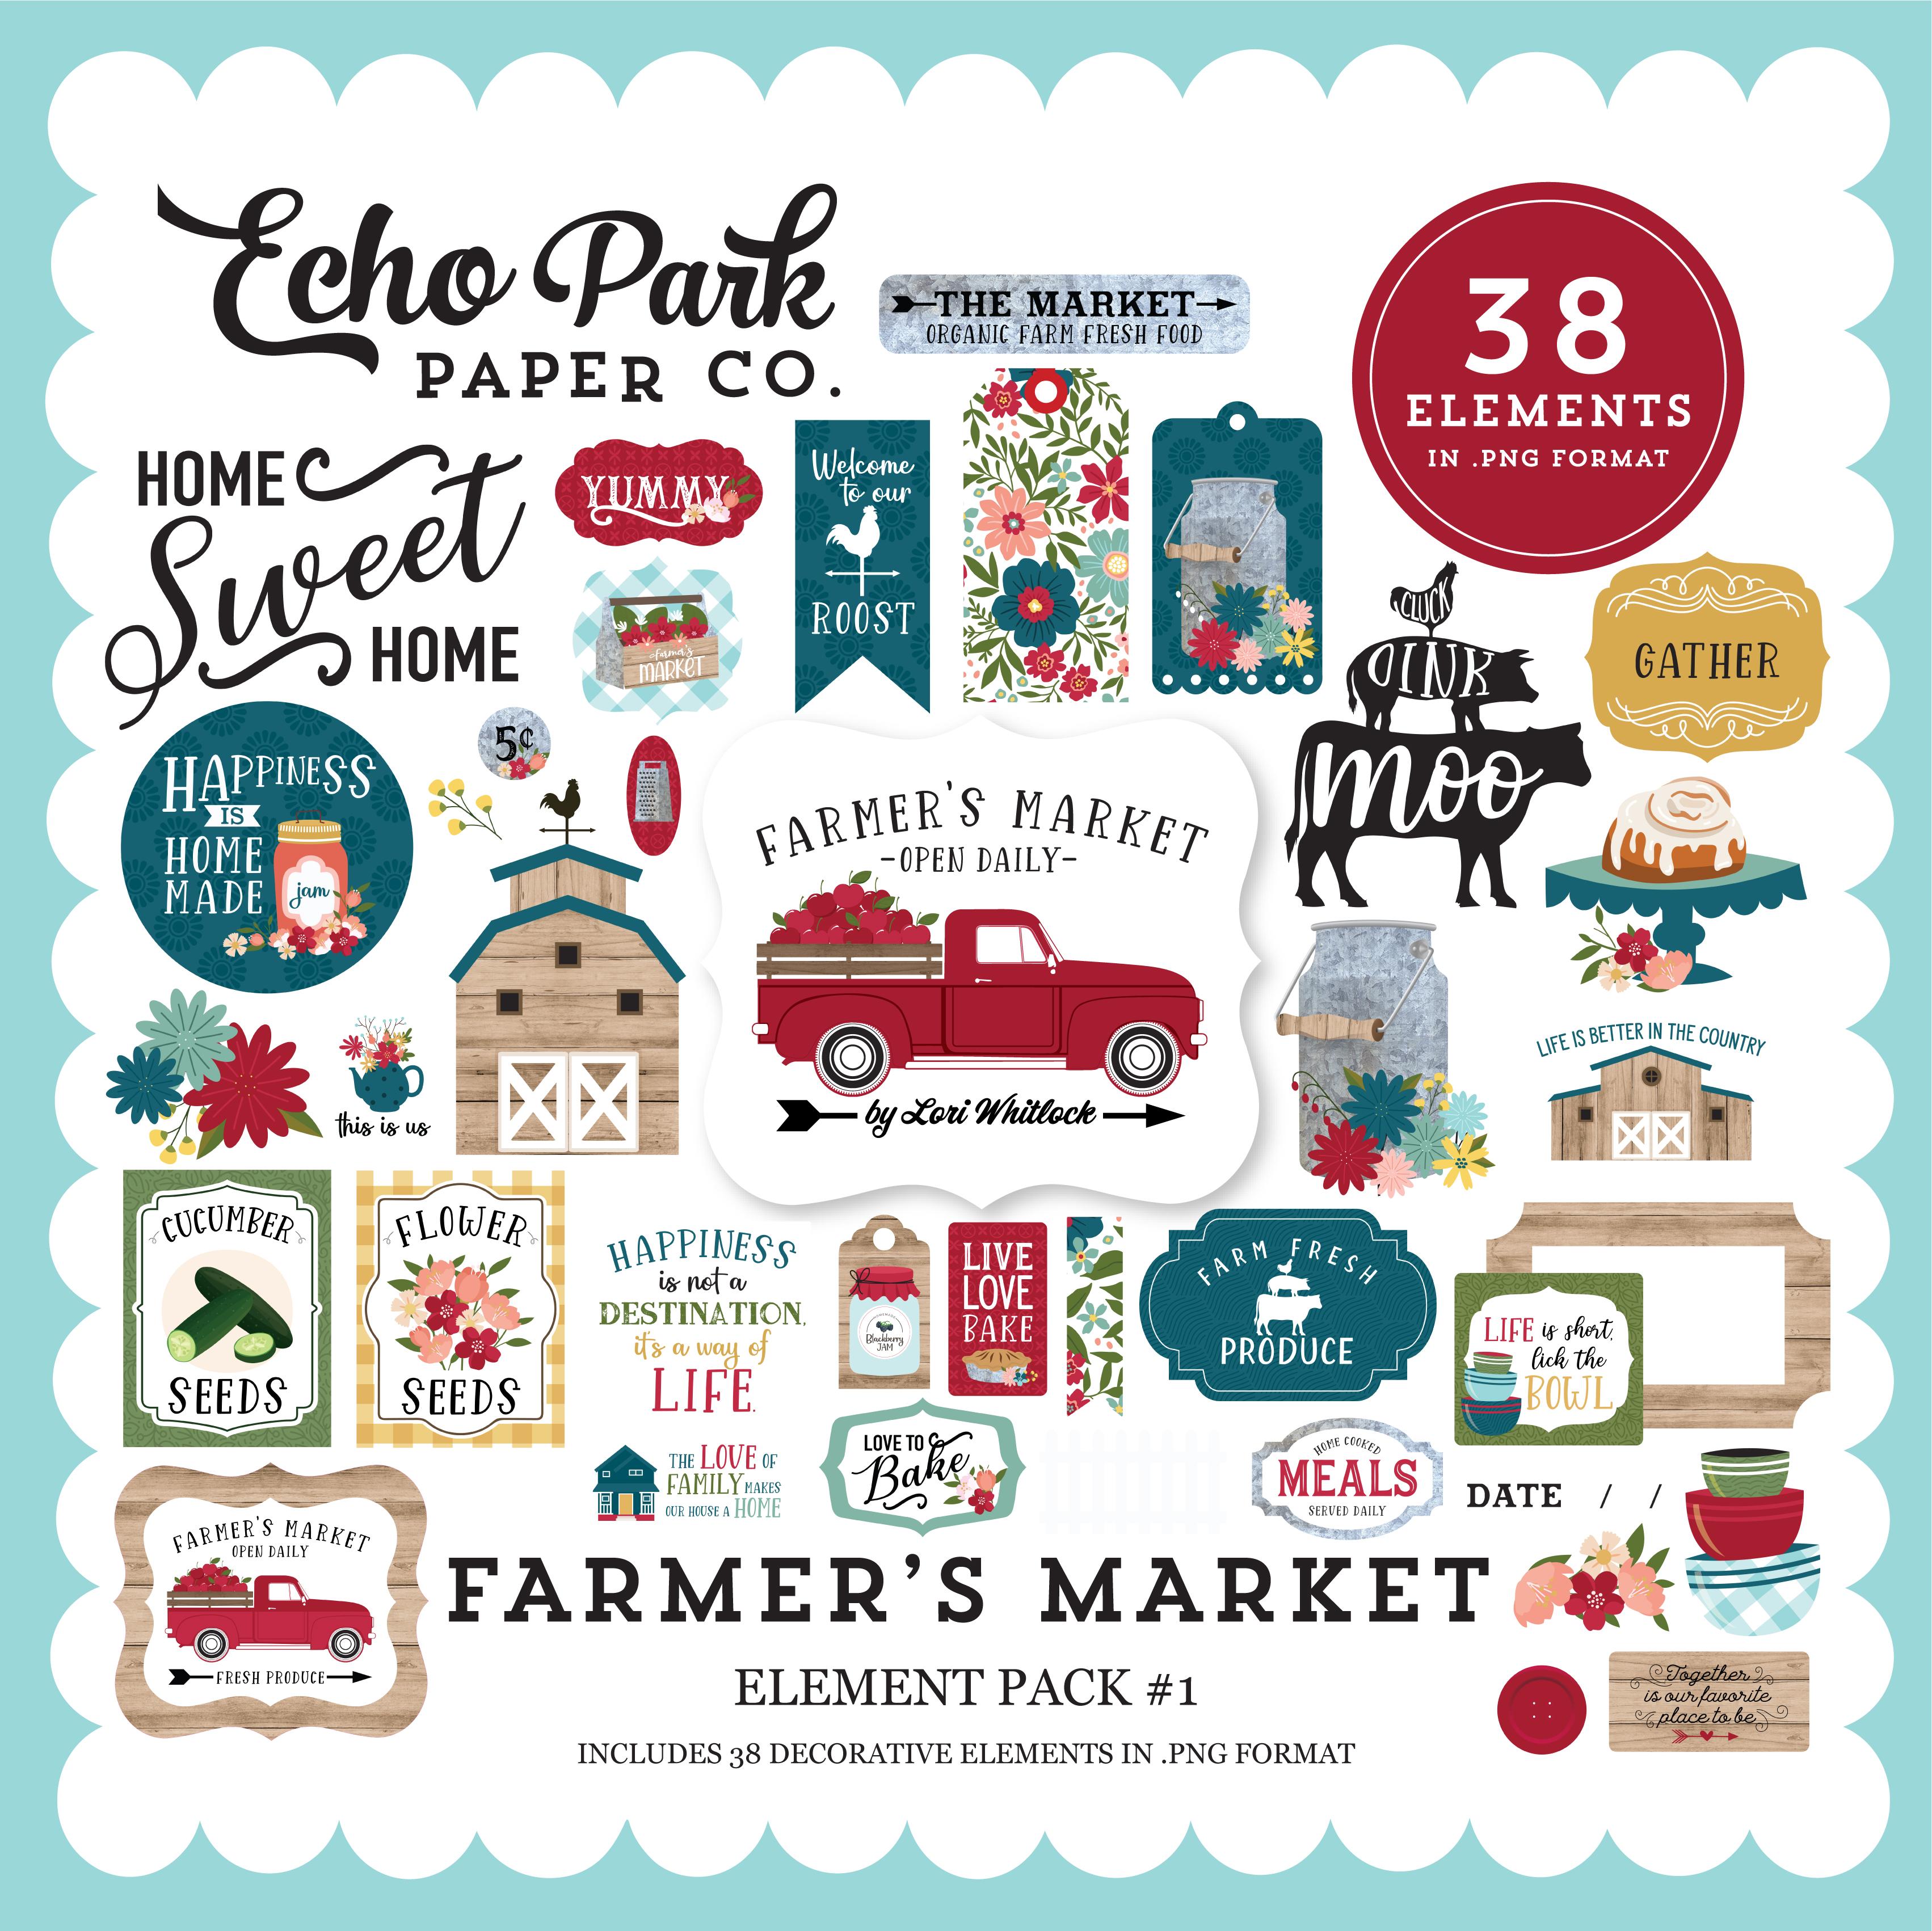 Farmer's Market Element Pack #1